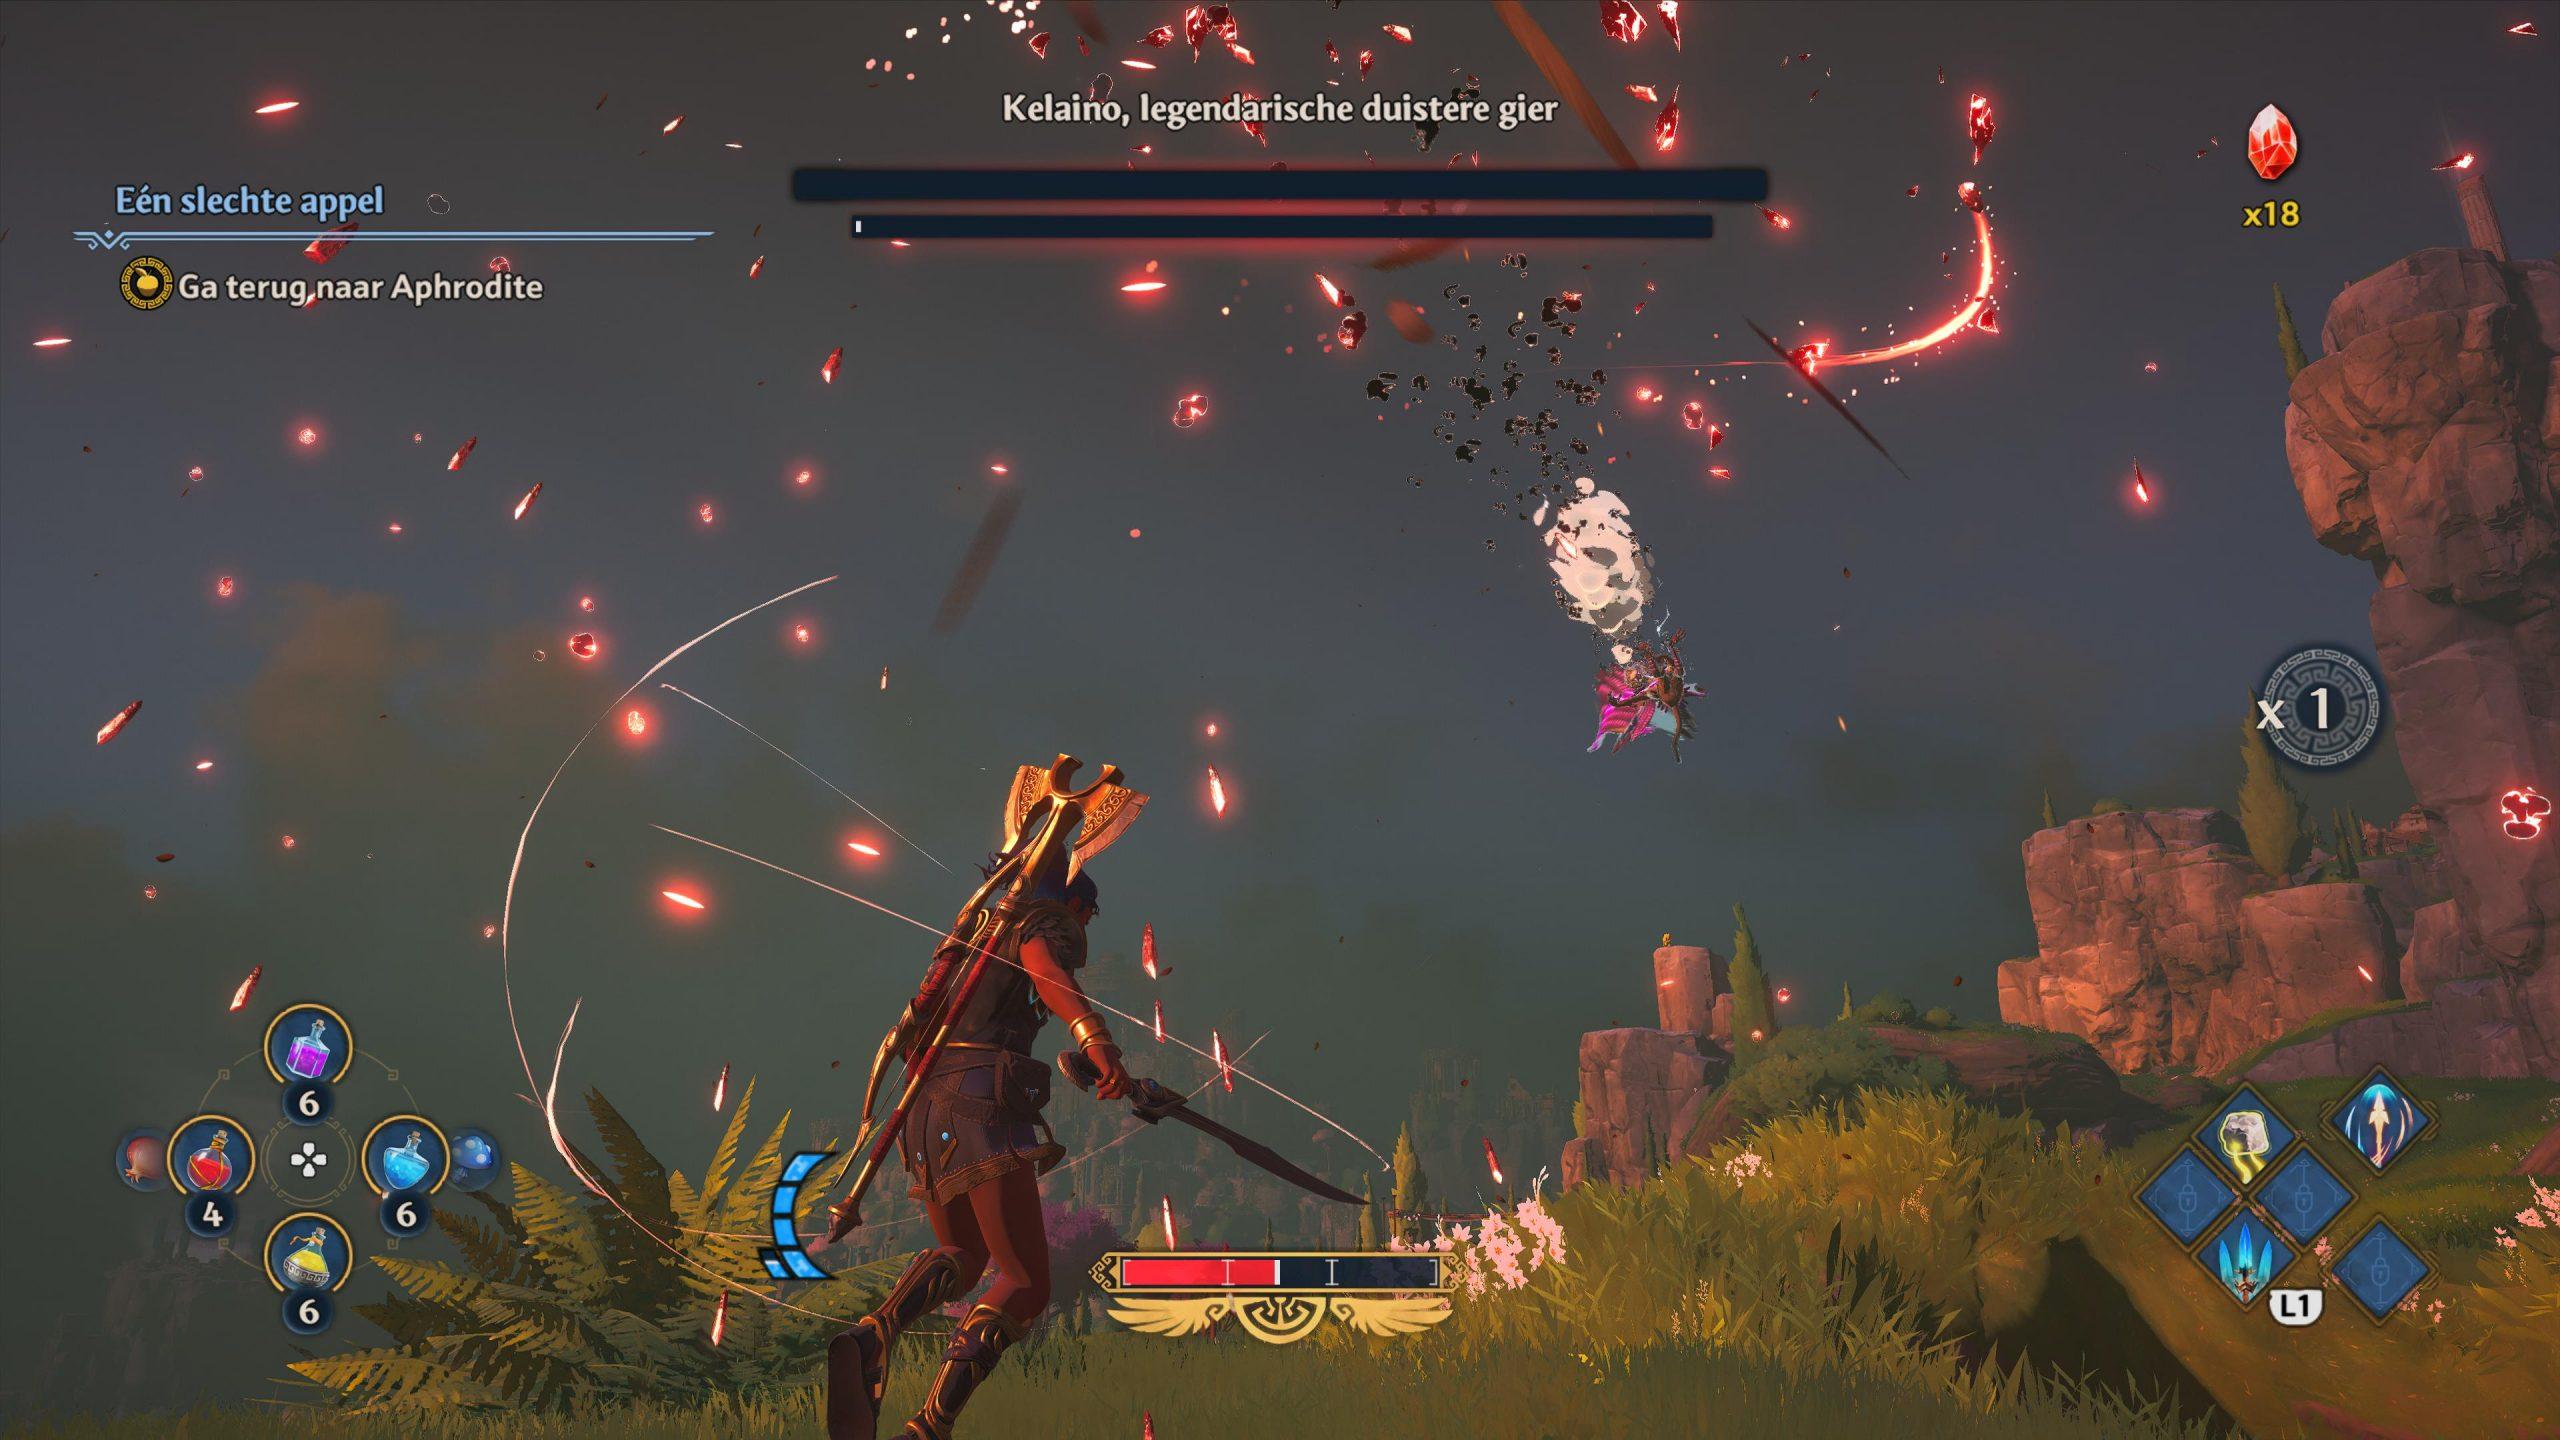 De gevechten voelen heel erg tof in Immortals Fenyx Rising